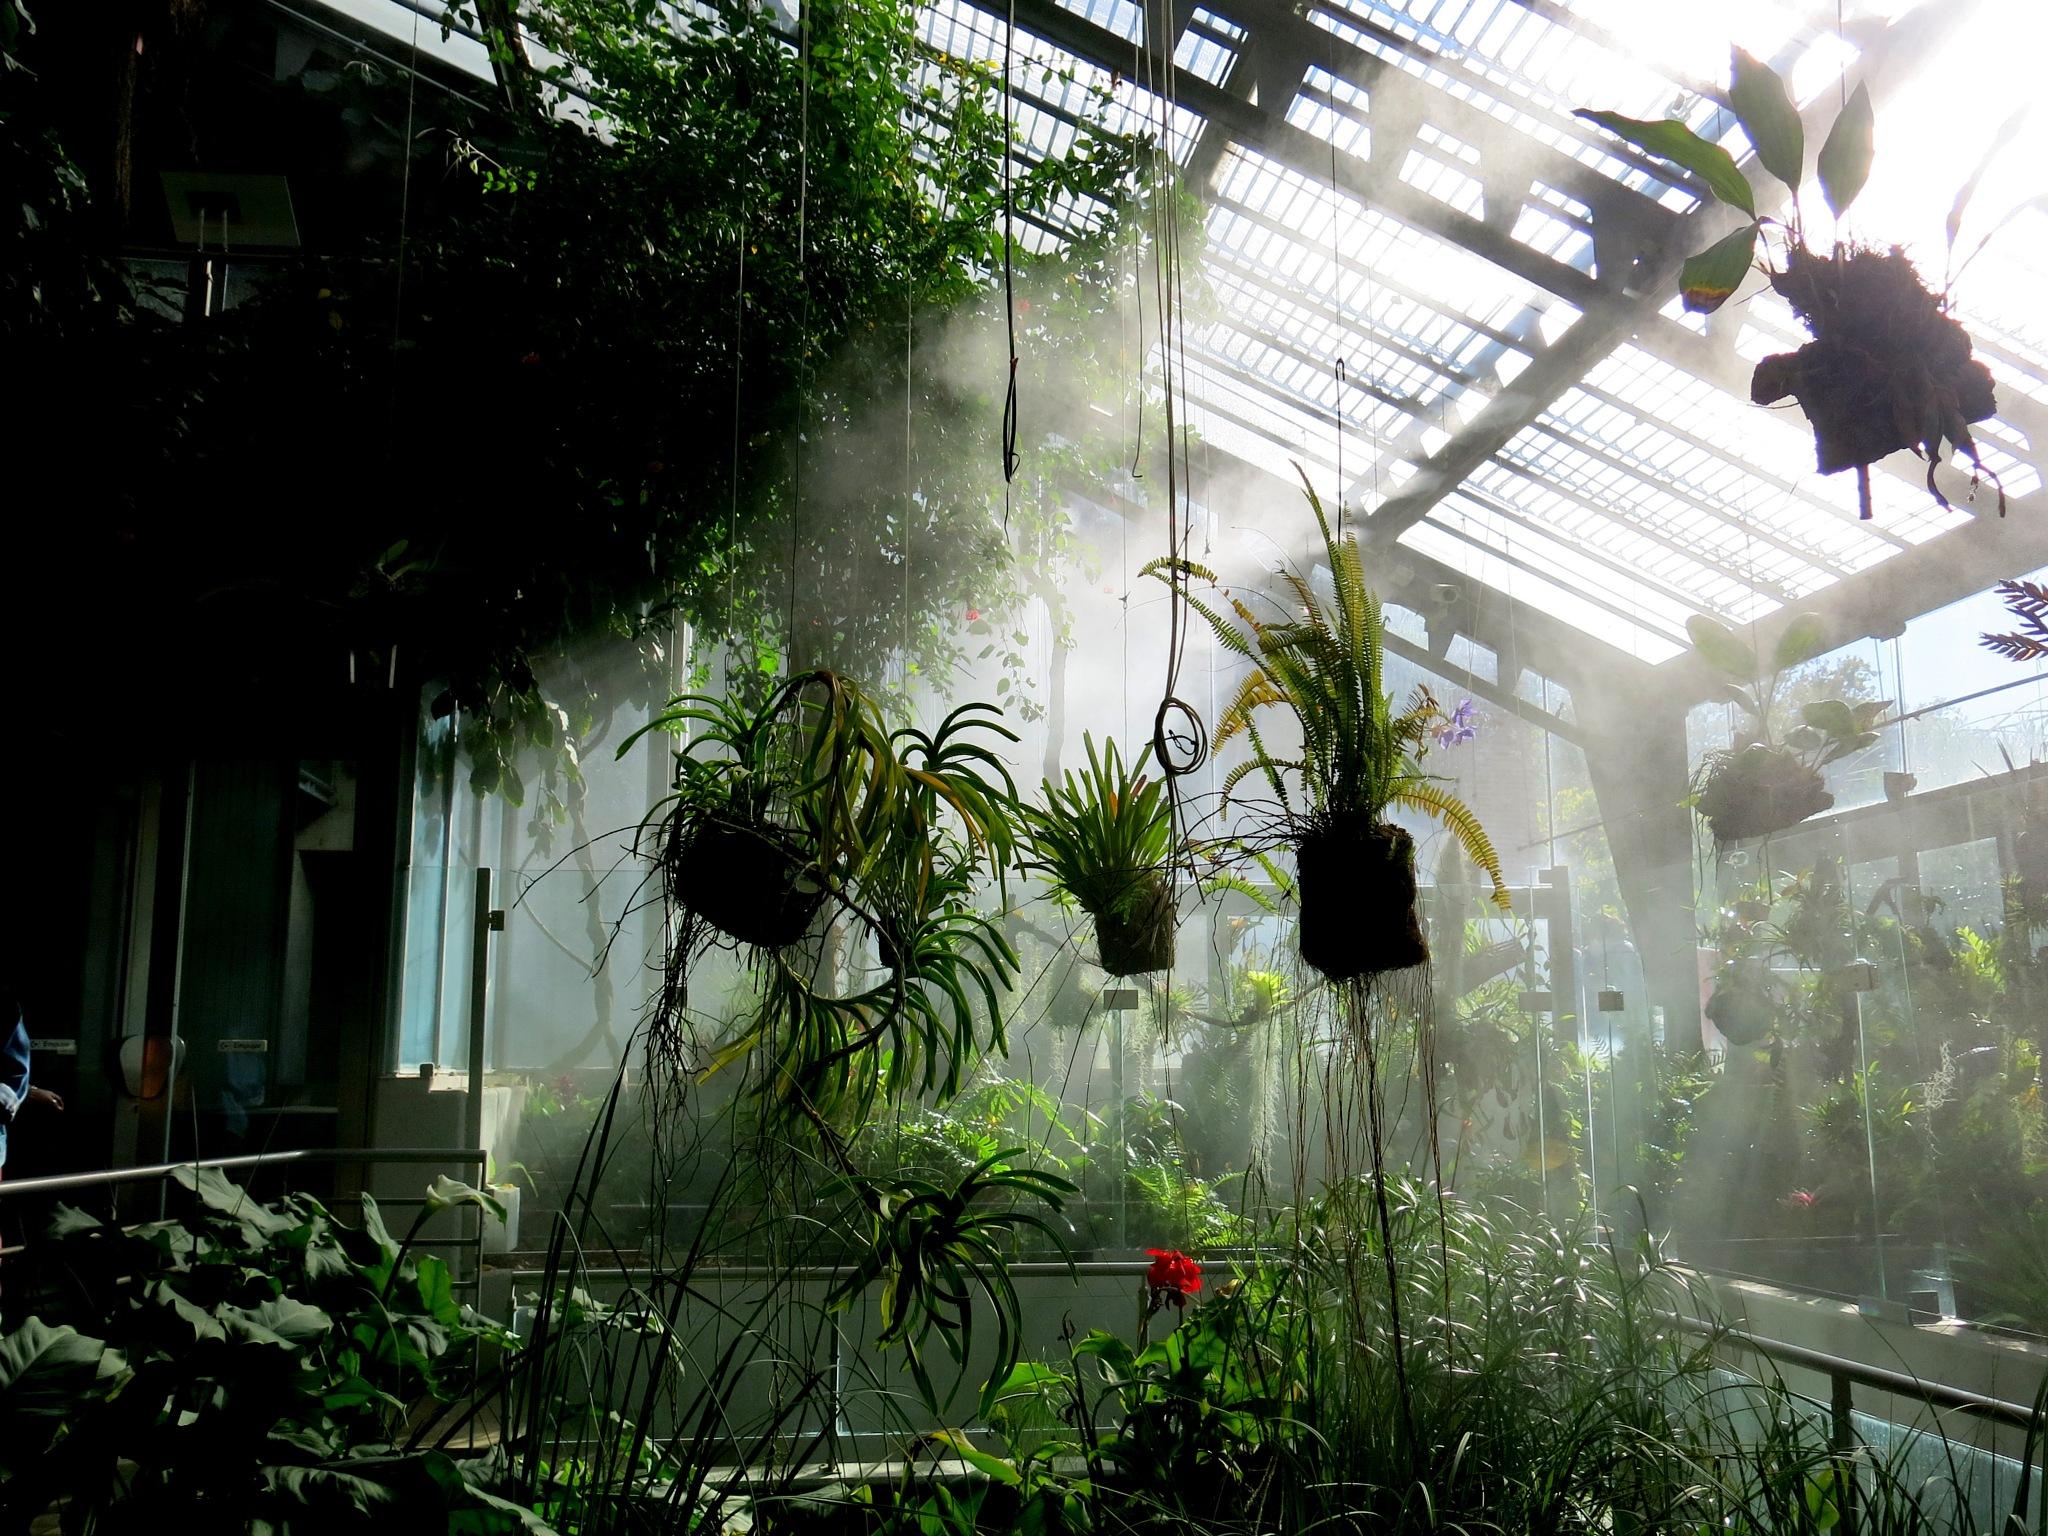 riego en el invernadero by mmvicent